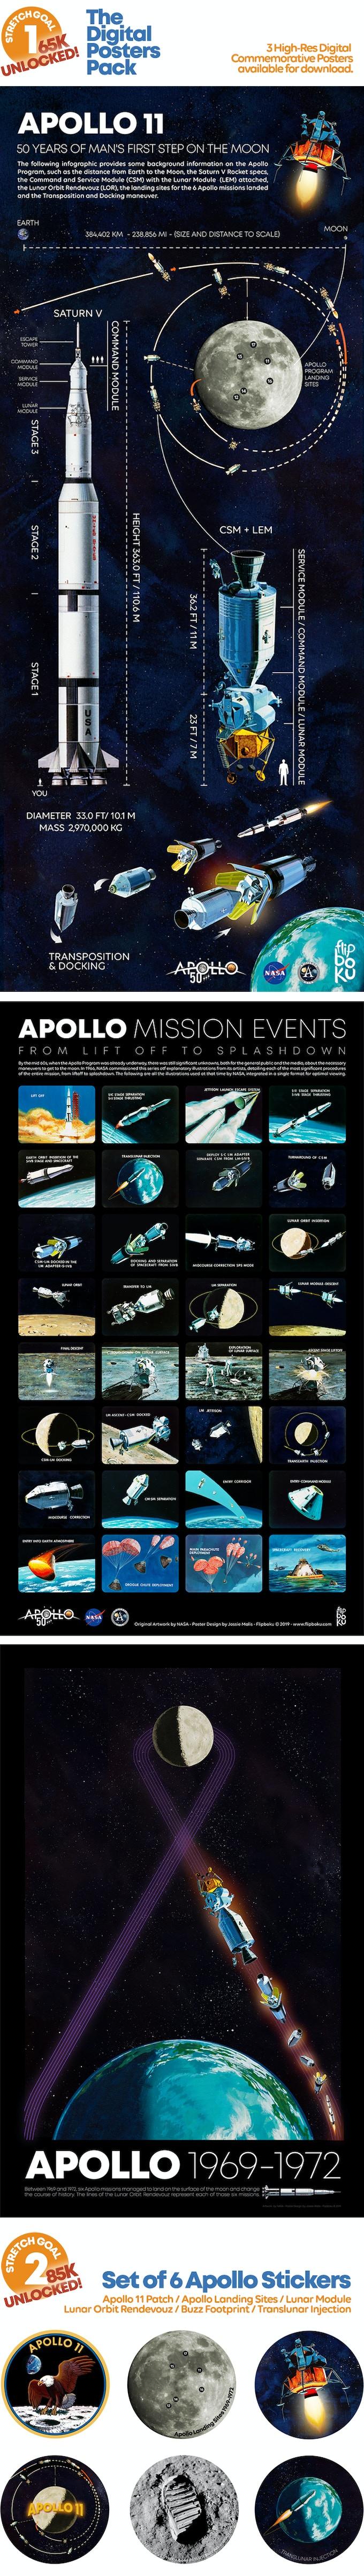 Apollo 11 - An Epic Moon Landing Flip Book Edition by